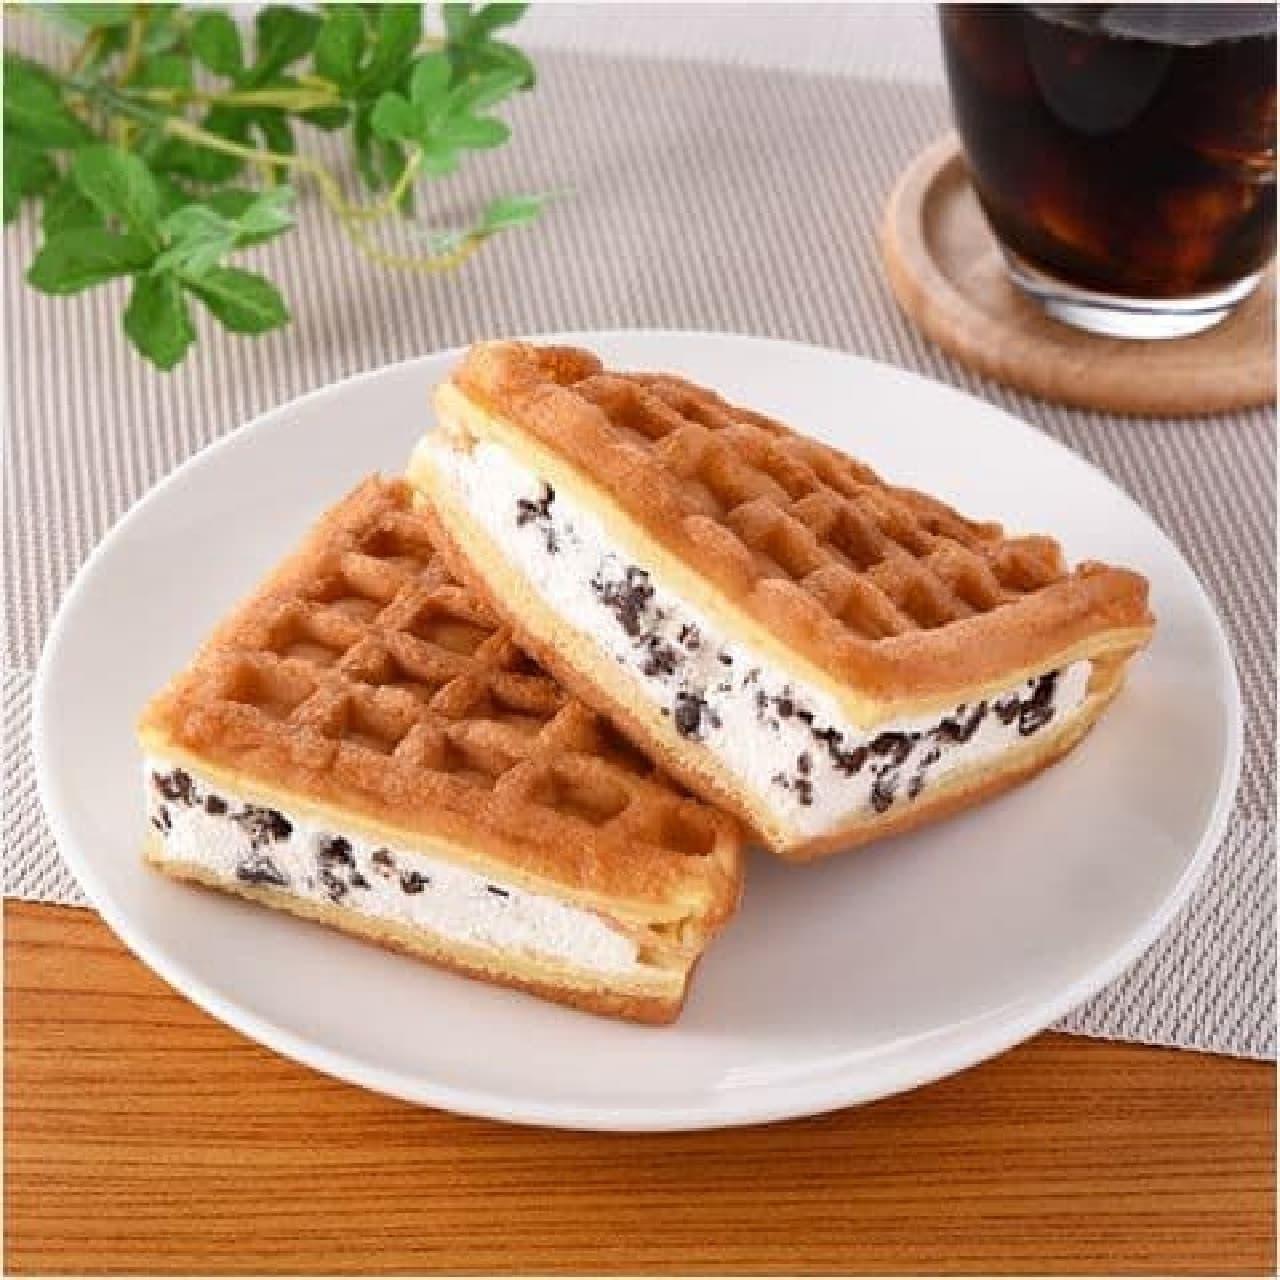 ファミリーマート「ふんわりワッフル クッキー&クリーム」